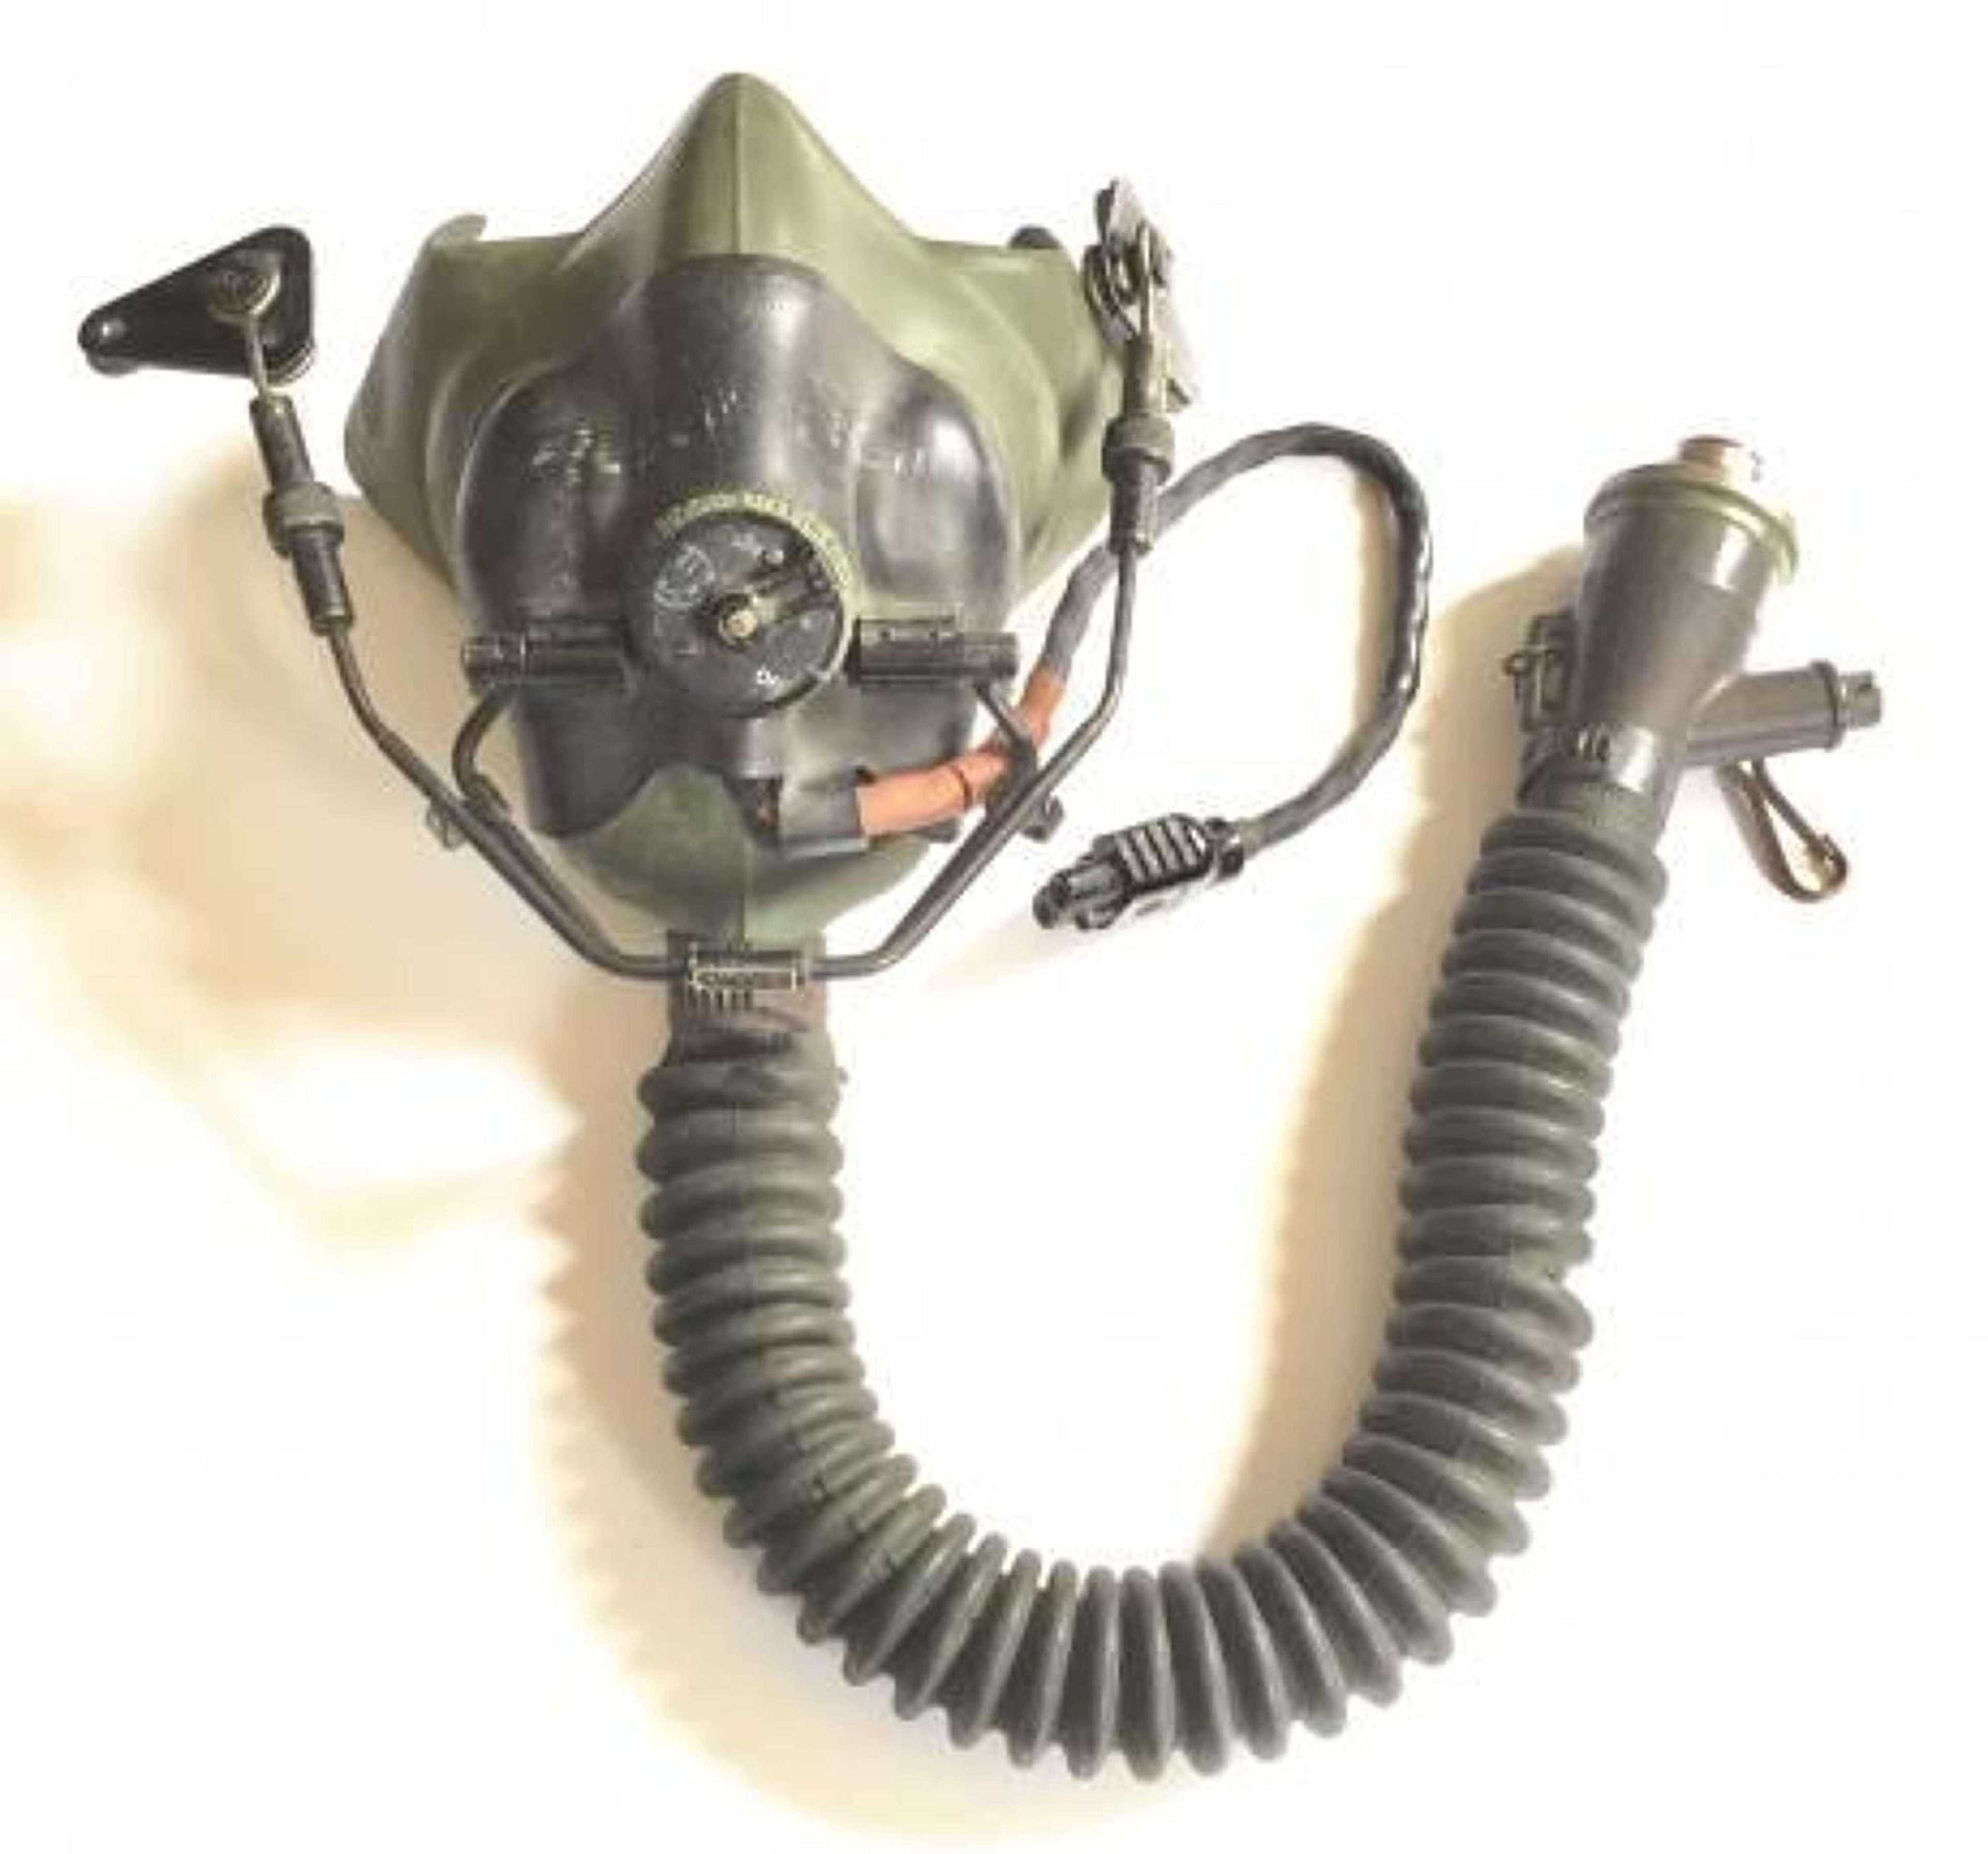 RAF Cold War Type A-13A Oxygen Mask